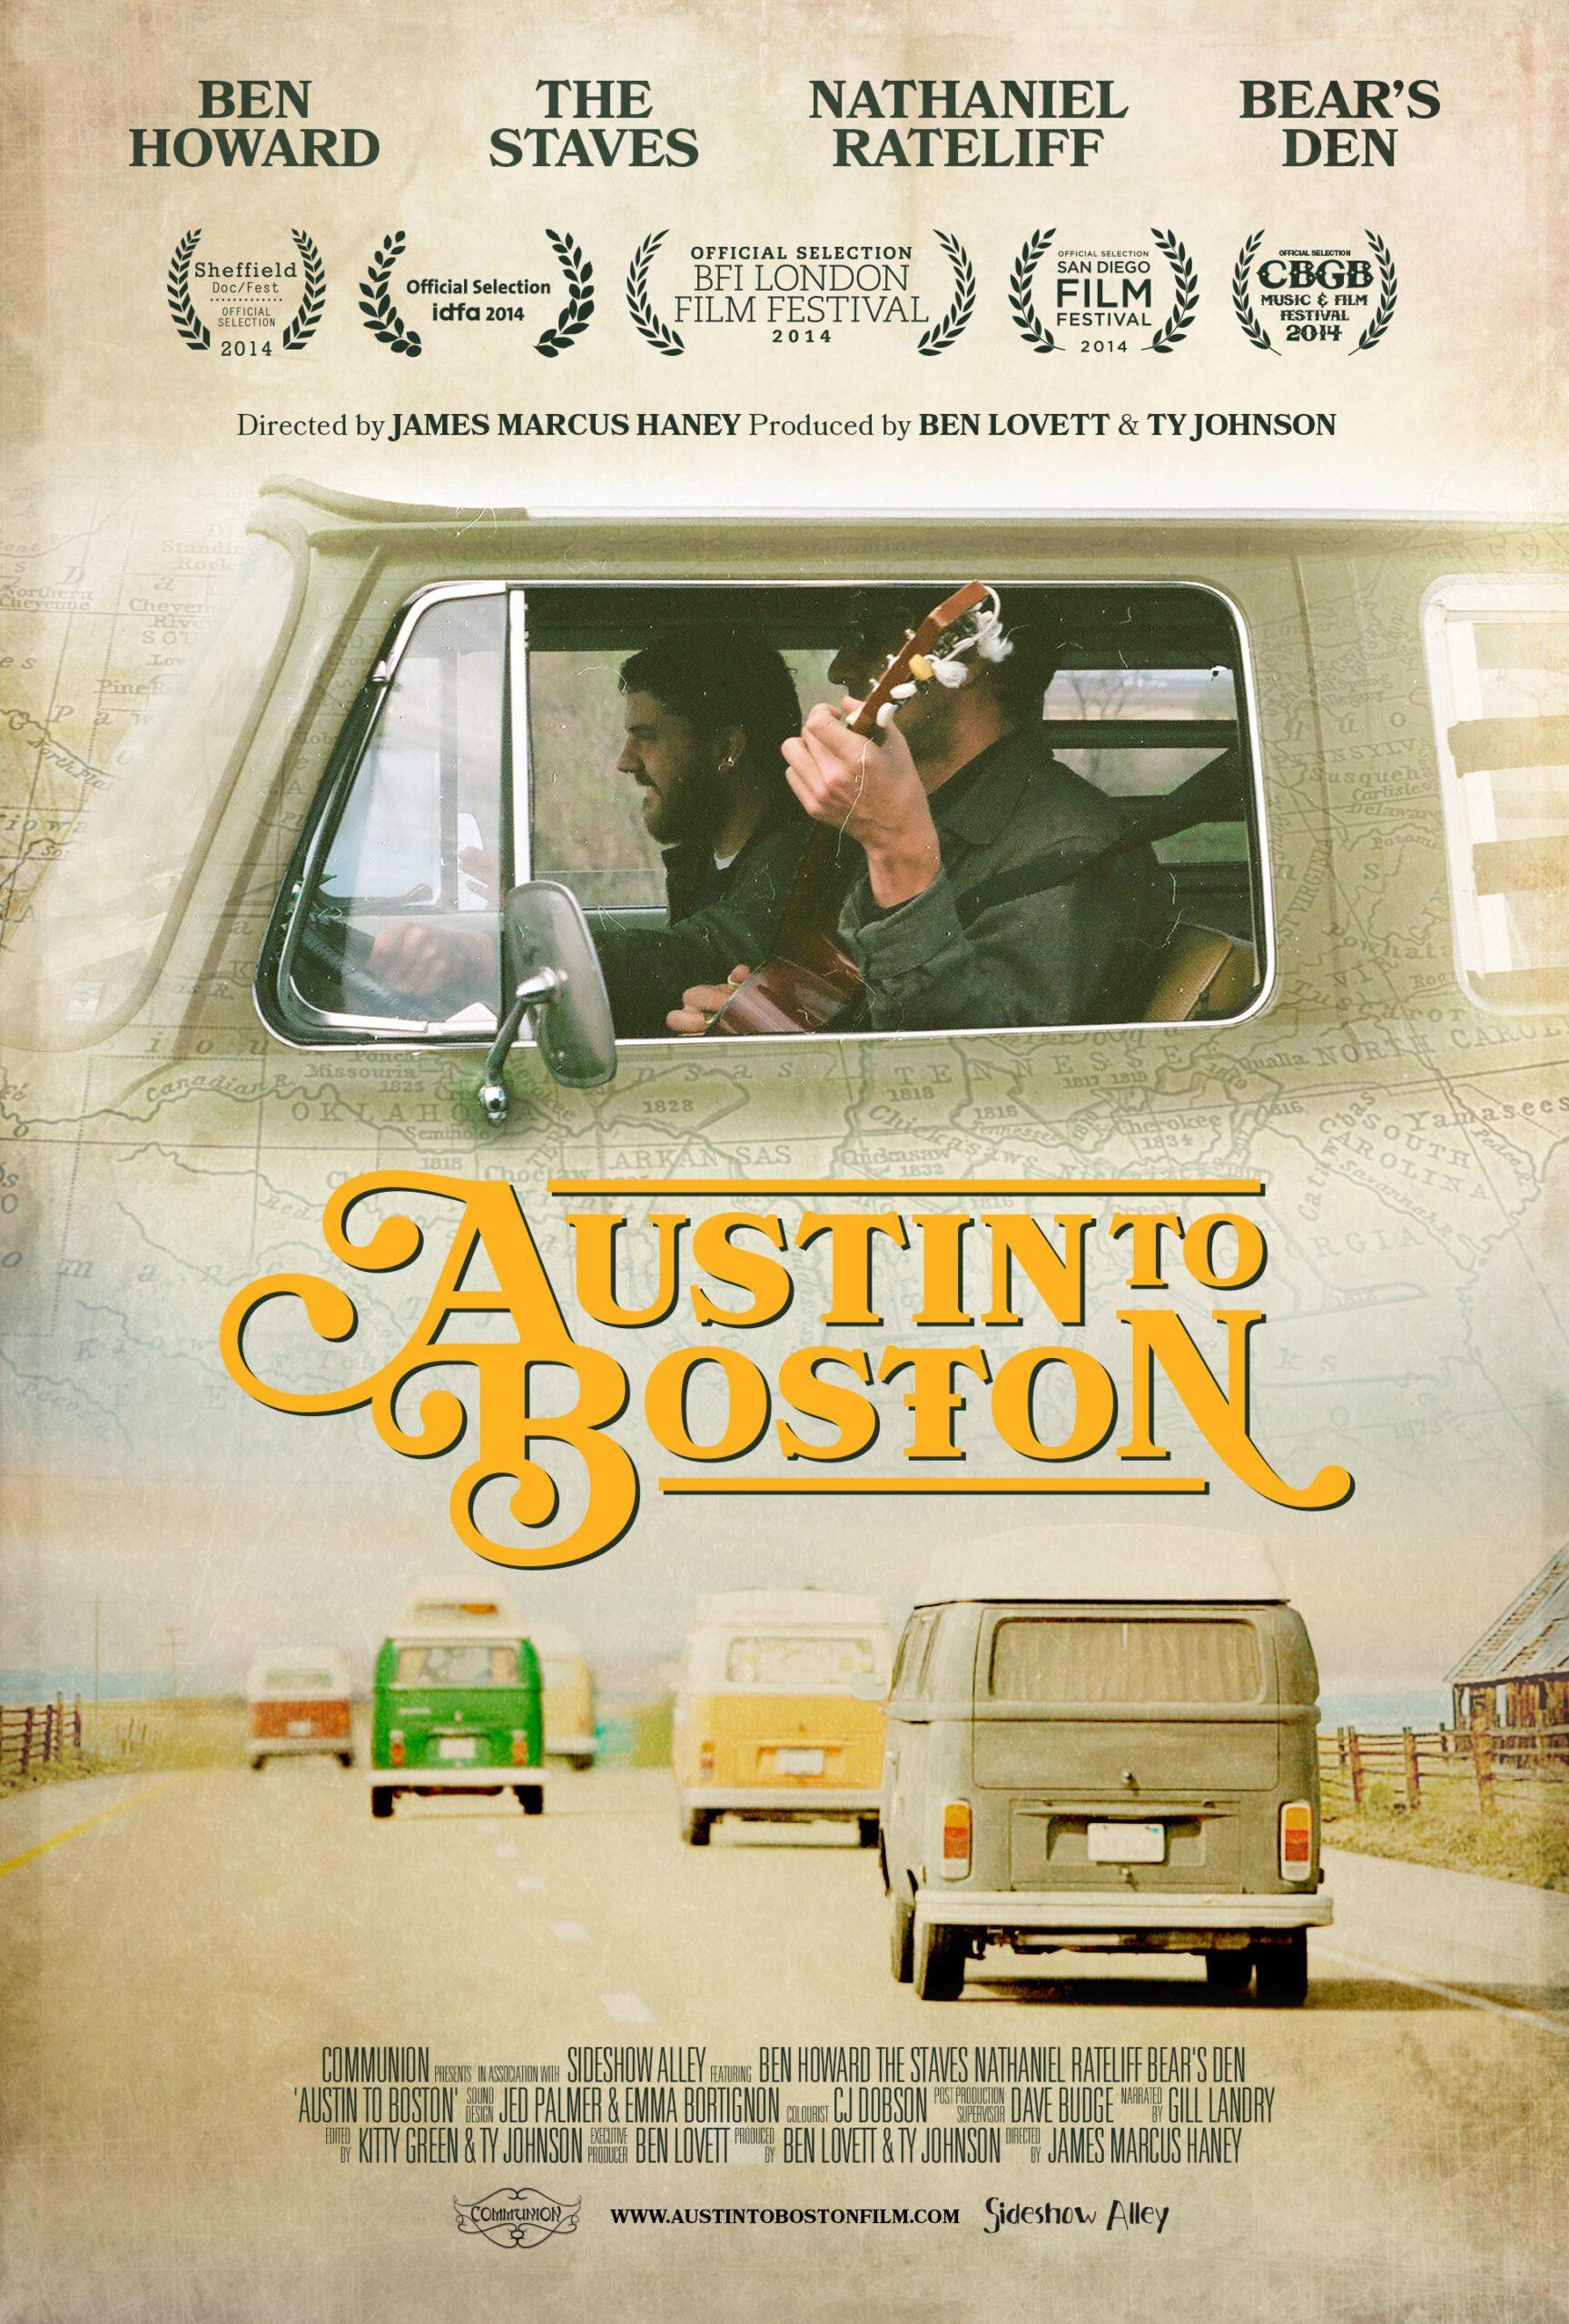 Austin to Boston Film Poster